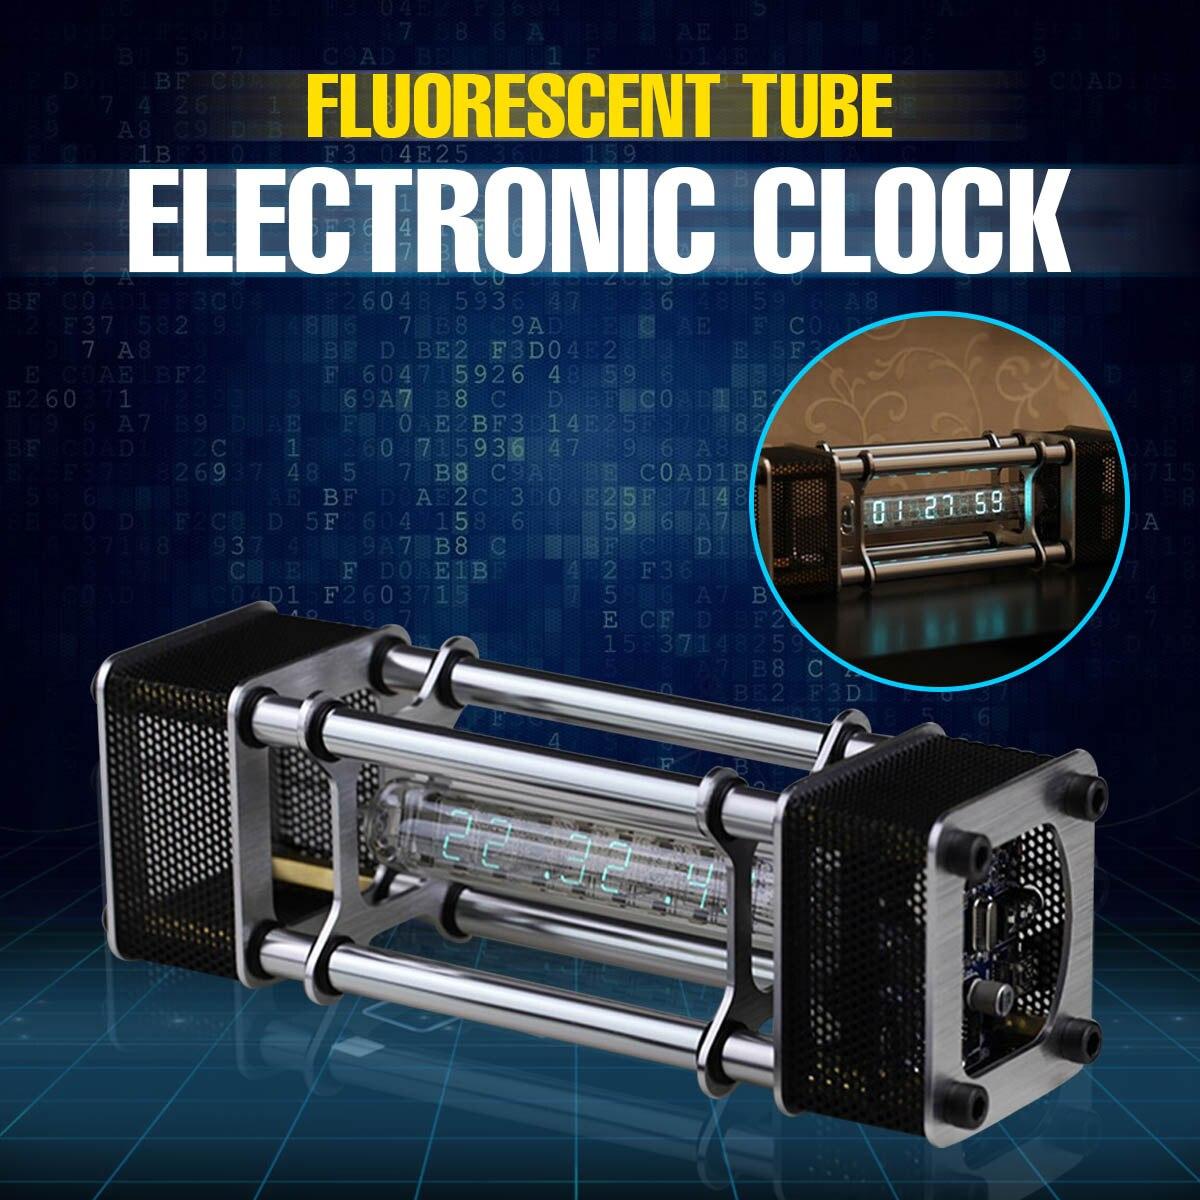 В разобранном виде IV-18 люминесцентные трубки Набор для электронных часов DIY 6 цифровой дисплей энергии столб с дистанционное управление мод...